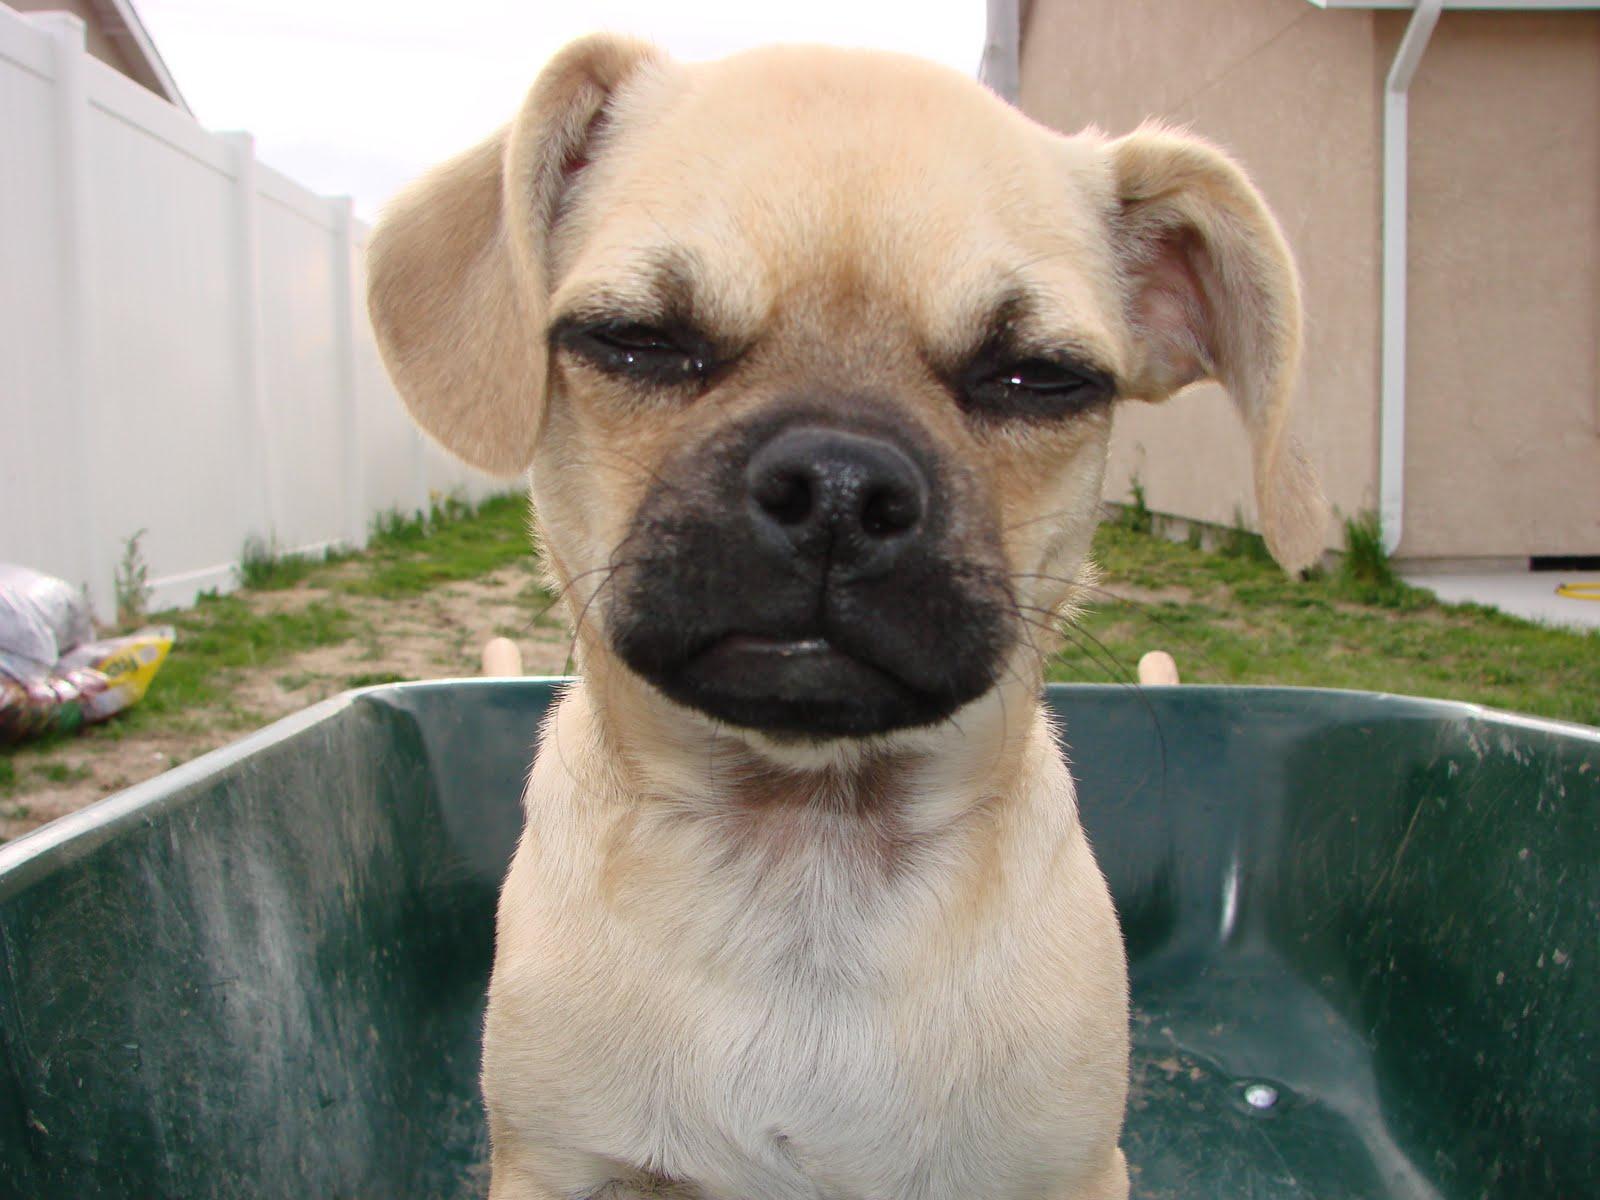 http://1.bp.blogspot.com/-s9-19g-EKR8/TcTRRyCPBII/AAAAAAAAAZ0/2K1PRg_vzgU/s1600/dogs%2B063.JPG